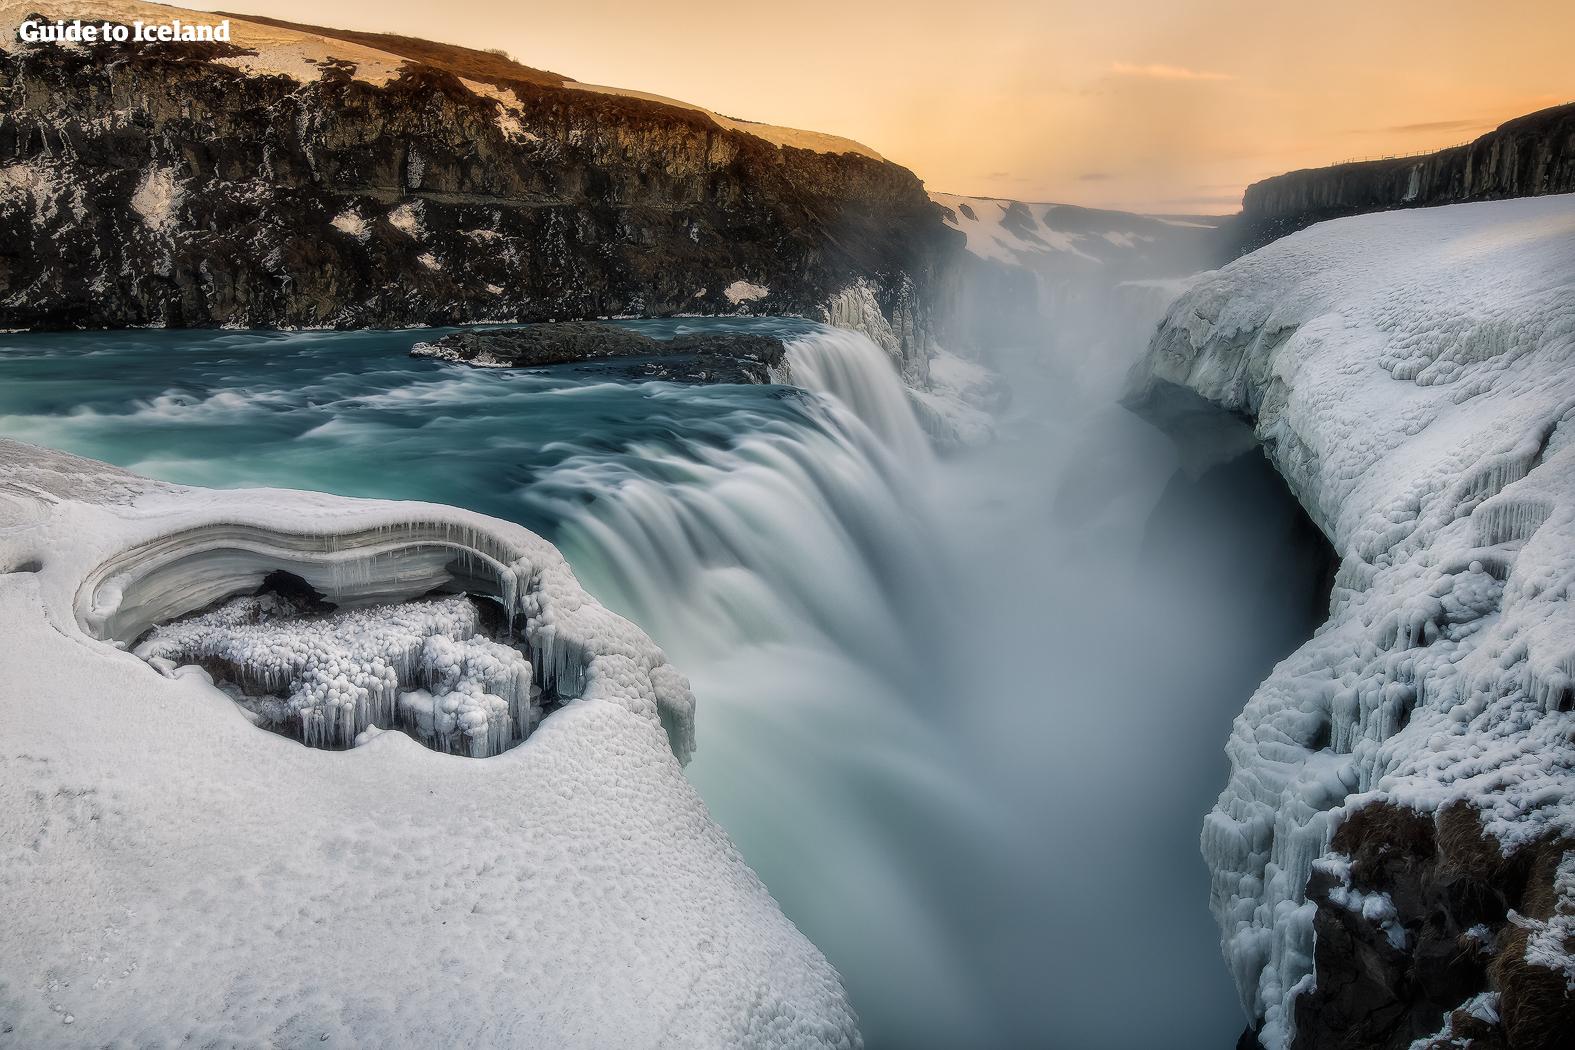 Gullfoss störtar ner i en uråldrig ravin som täcks av tjocka lager snö och is under vintern.